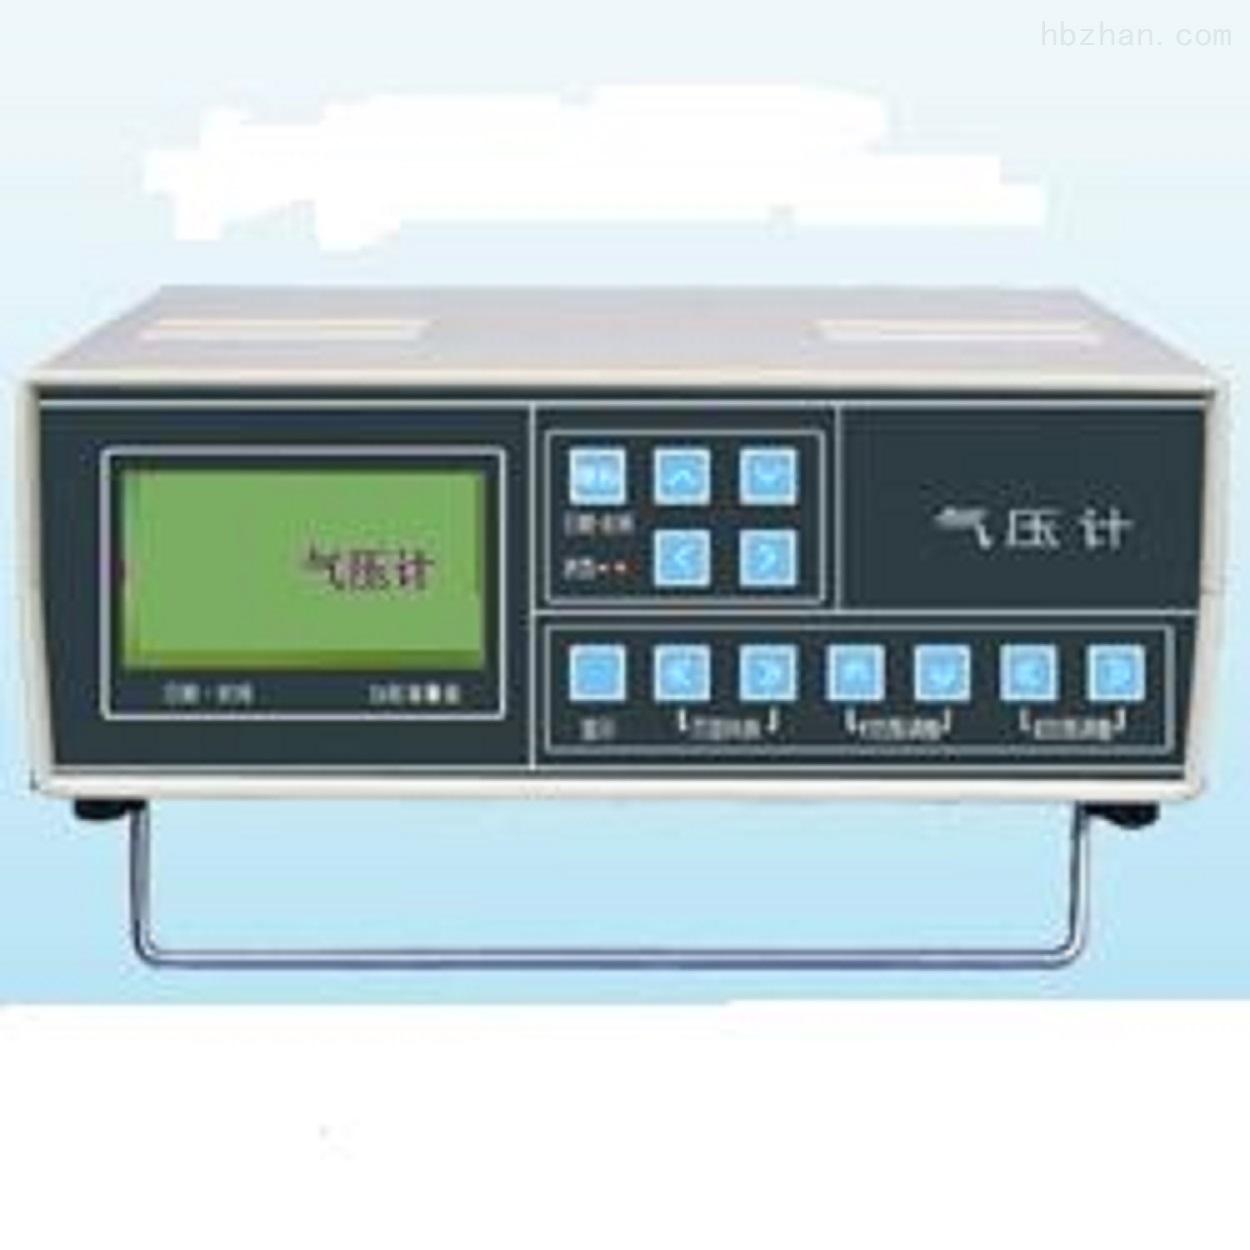 记录式气压计WS-8233